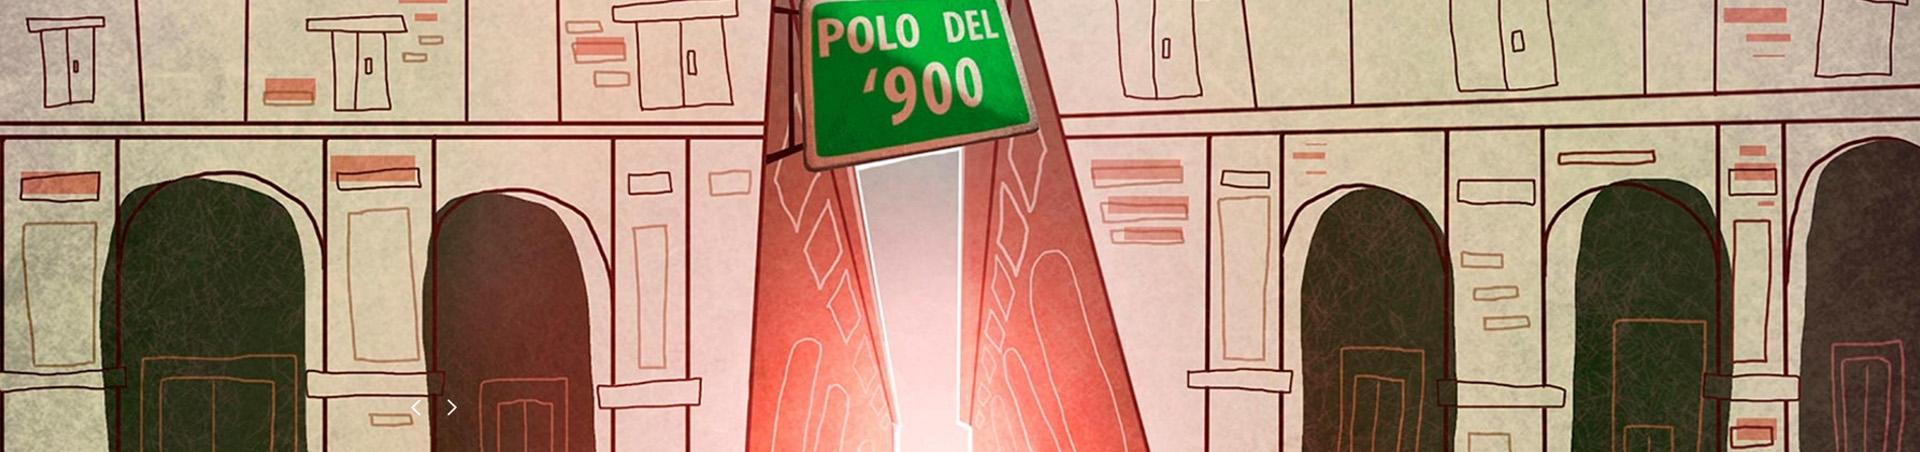 polo 900 header